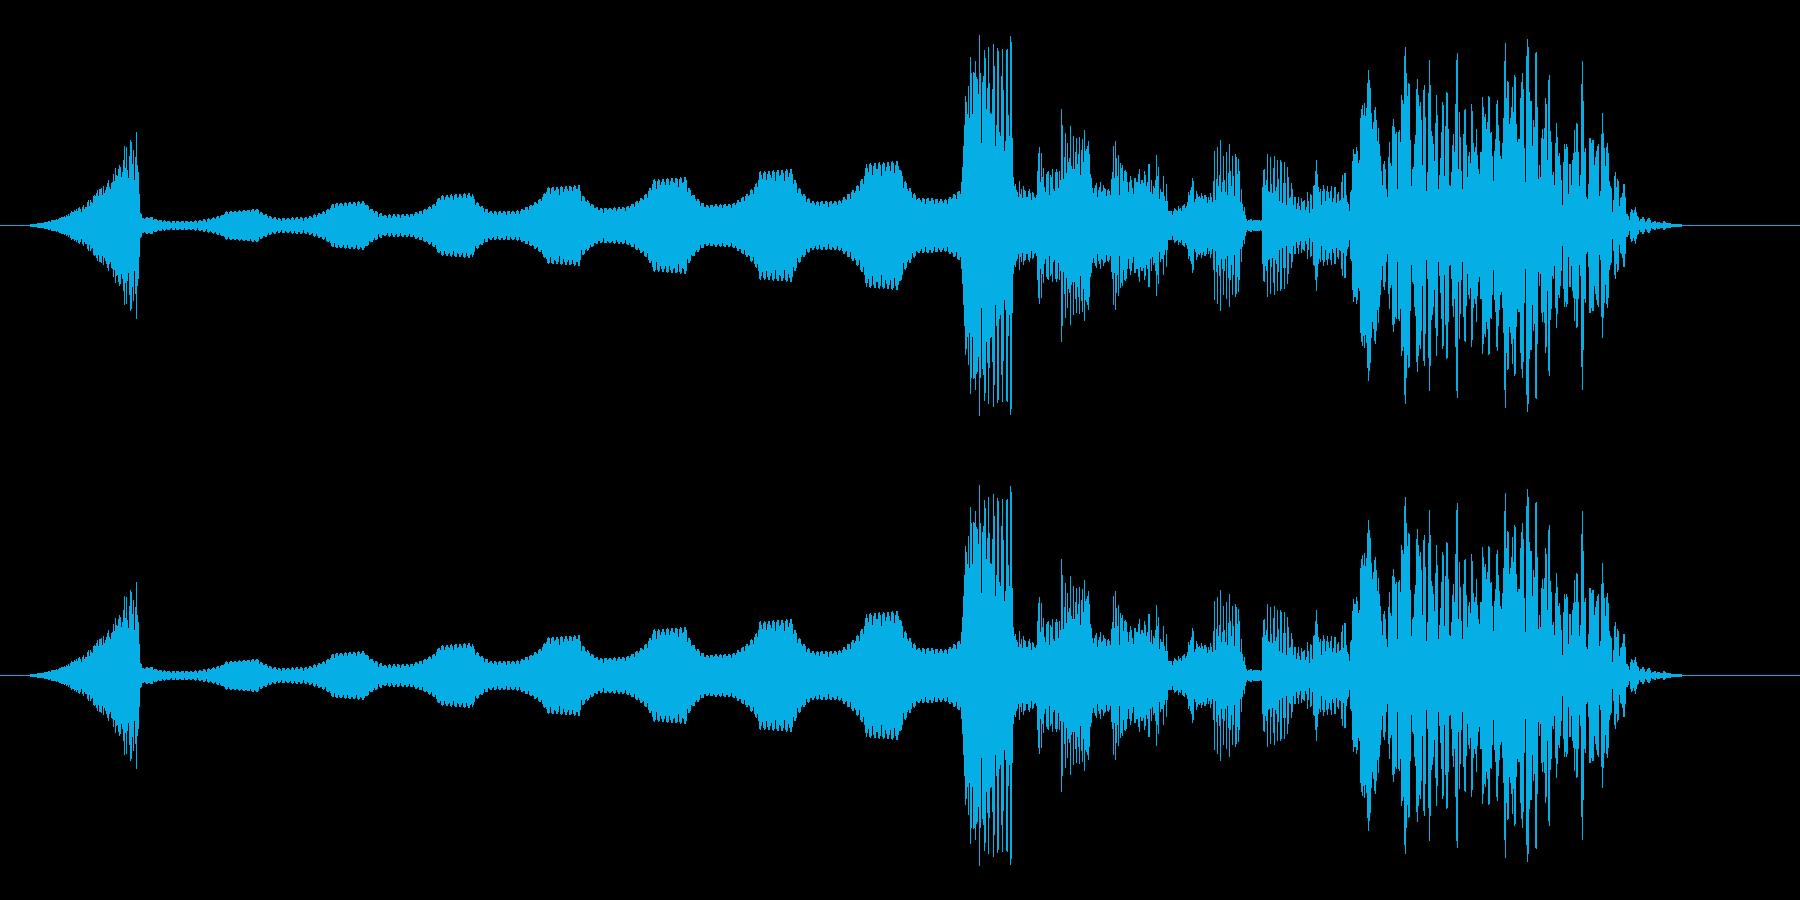 電子音の短めジングルの再生済みの波形